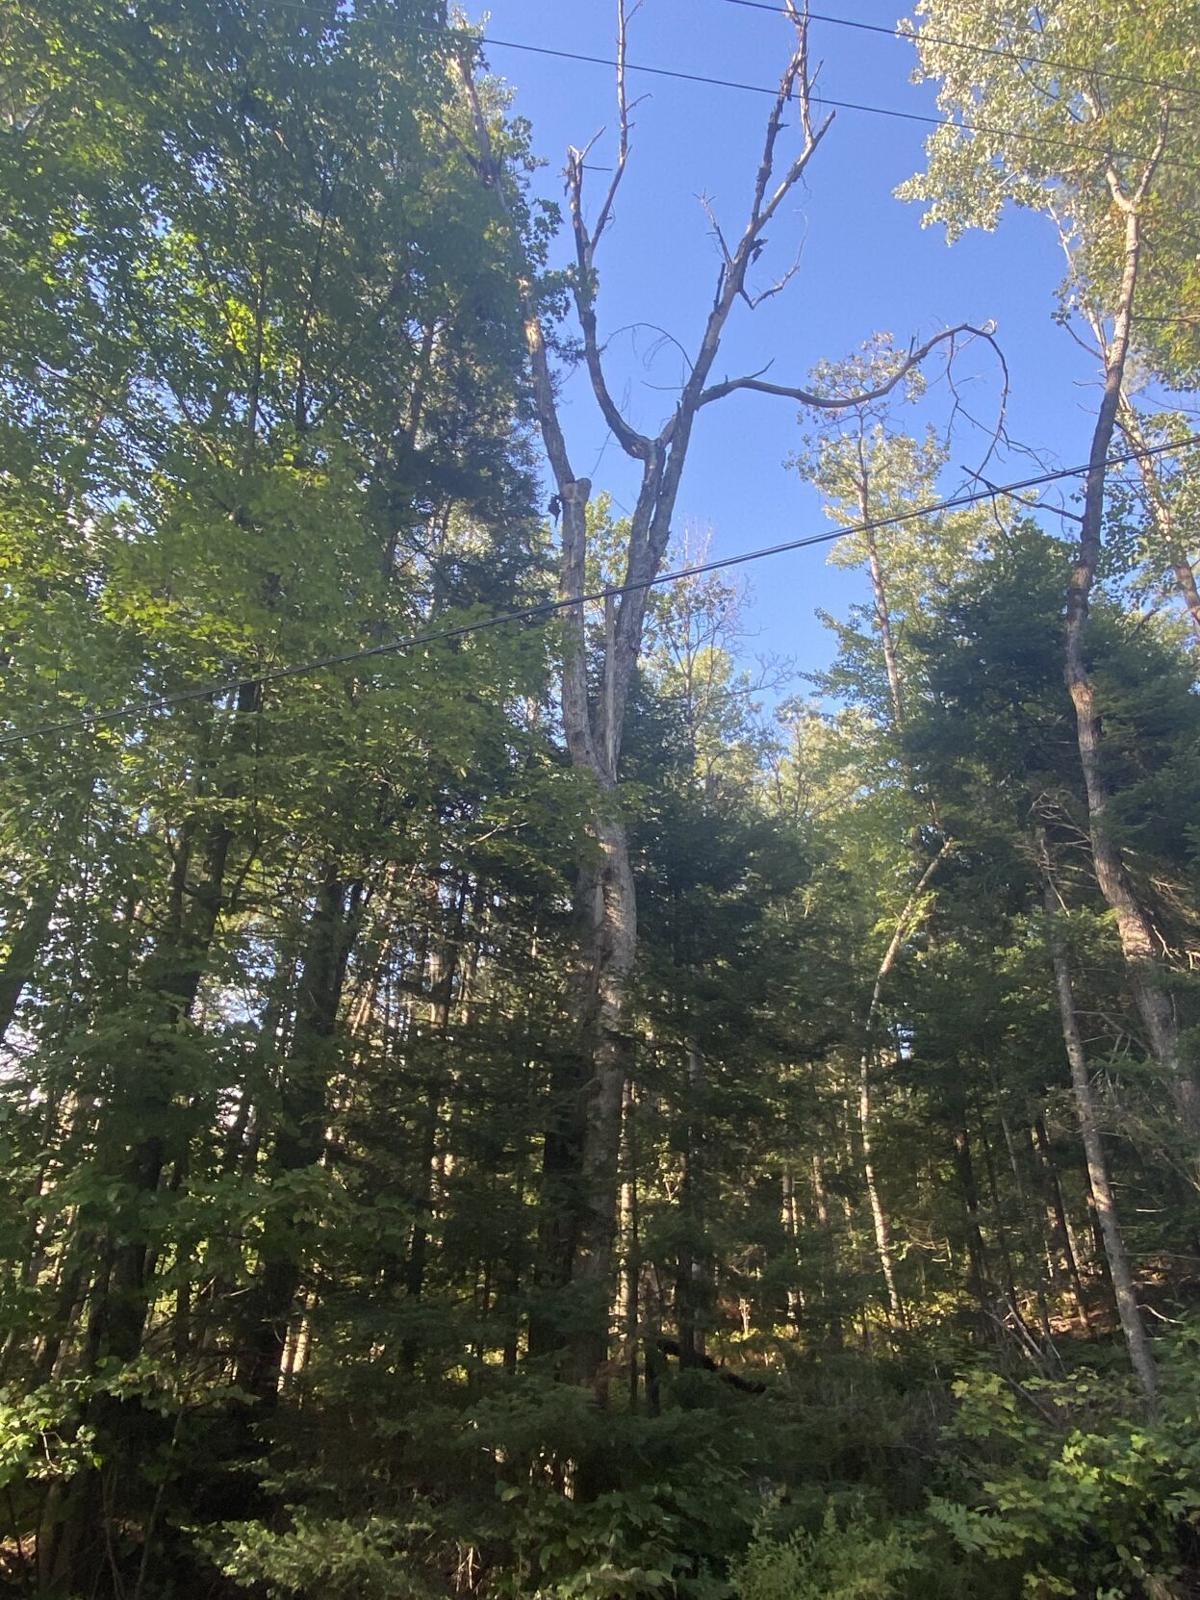 POWER LINES NEAR DEAD TREE